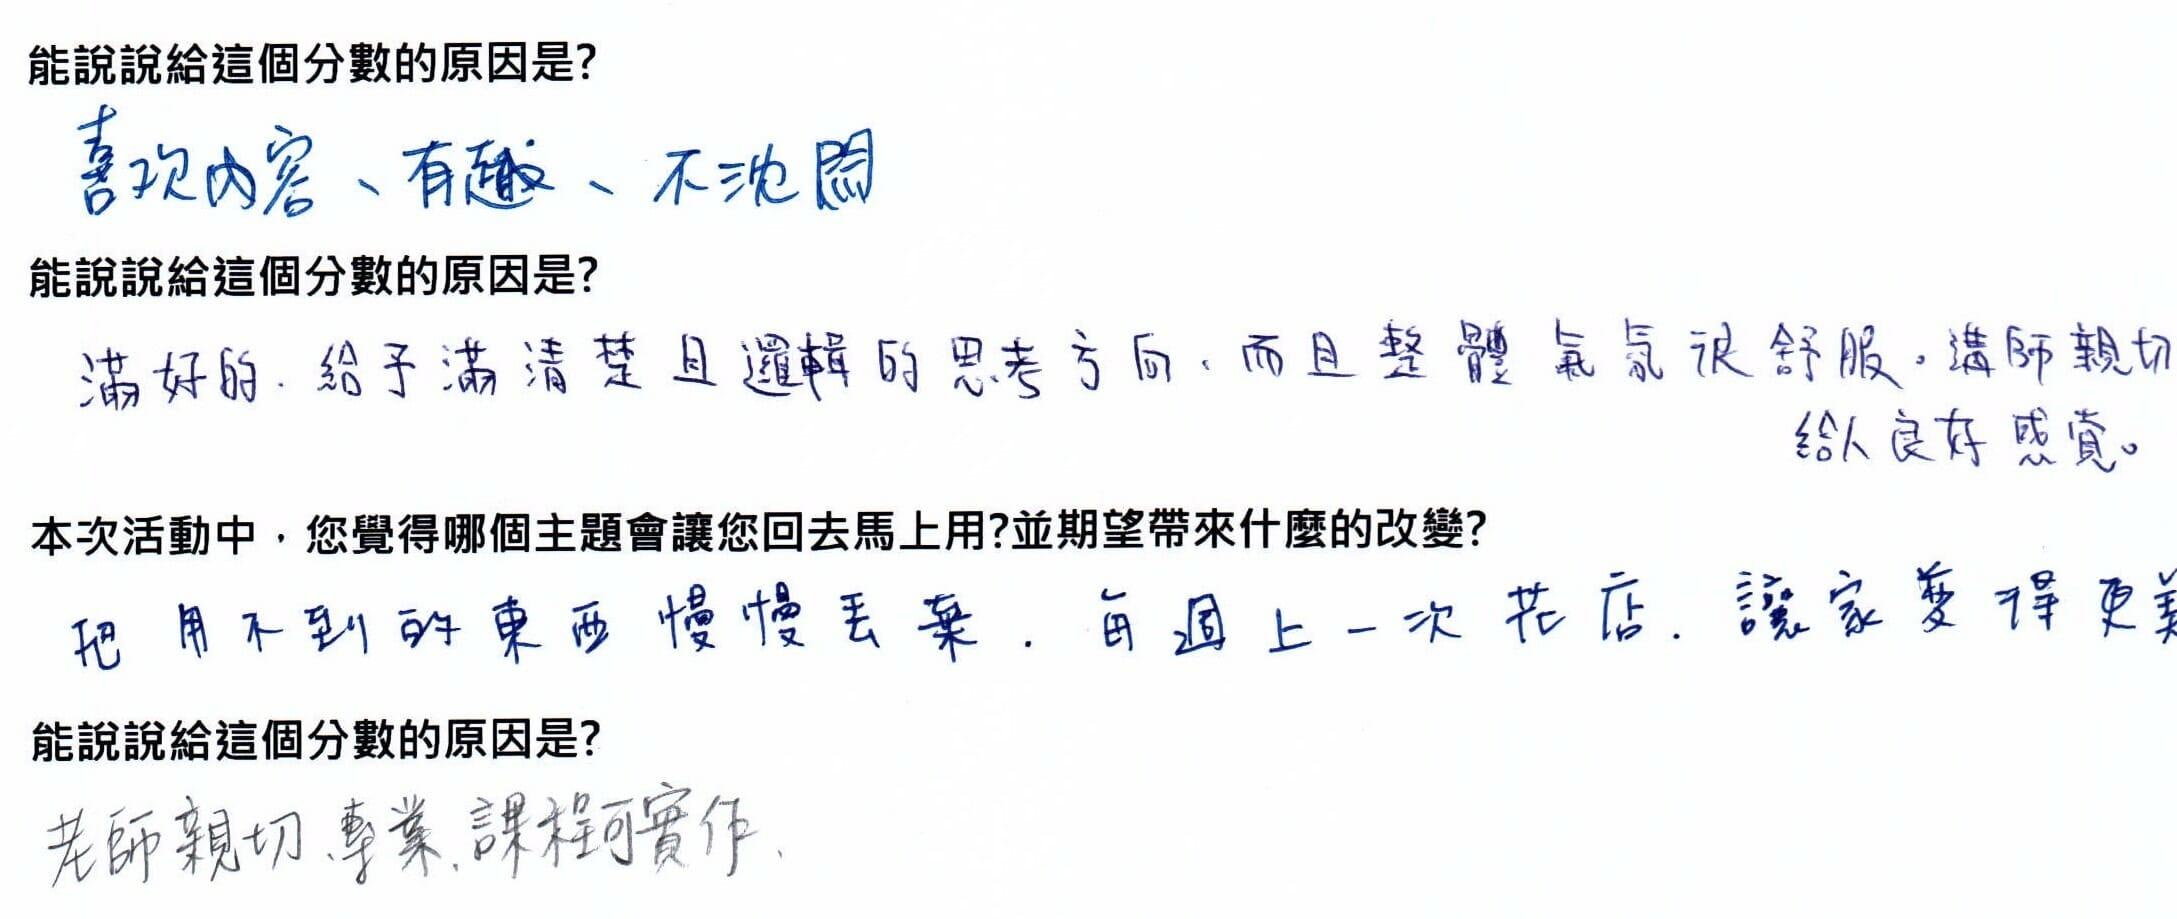 【輕佈置】臺中一班課程紀錄 2